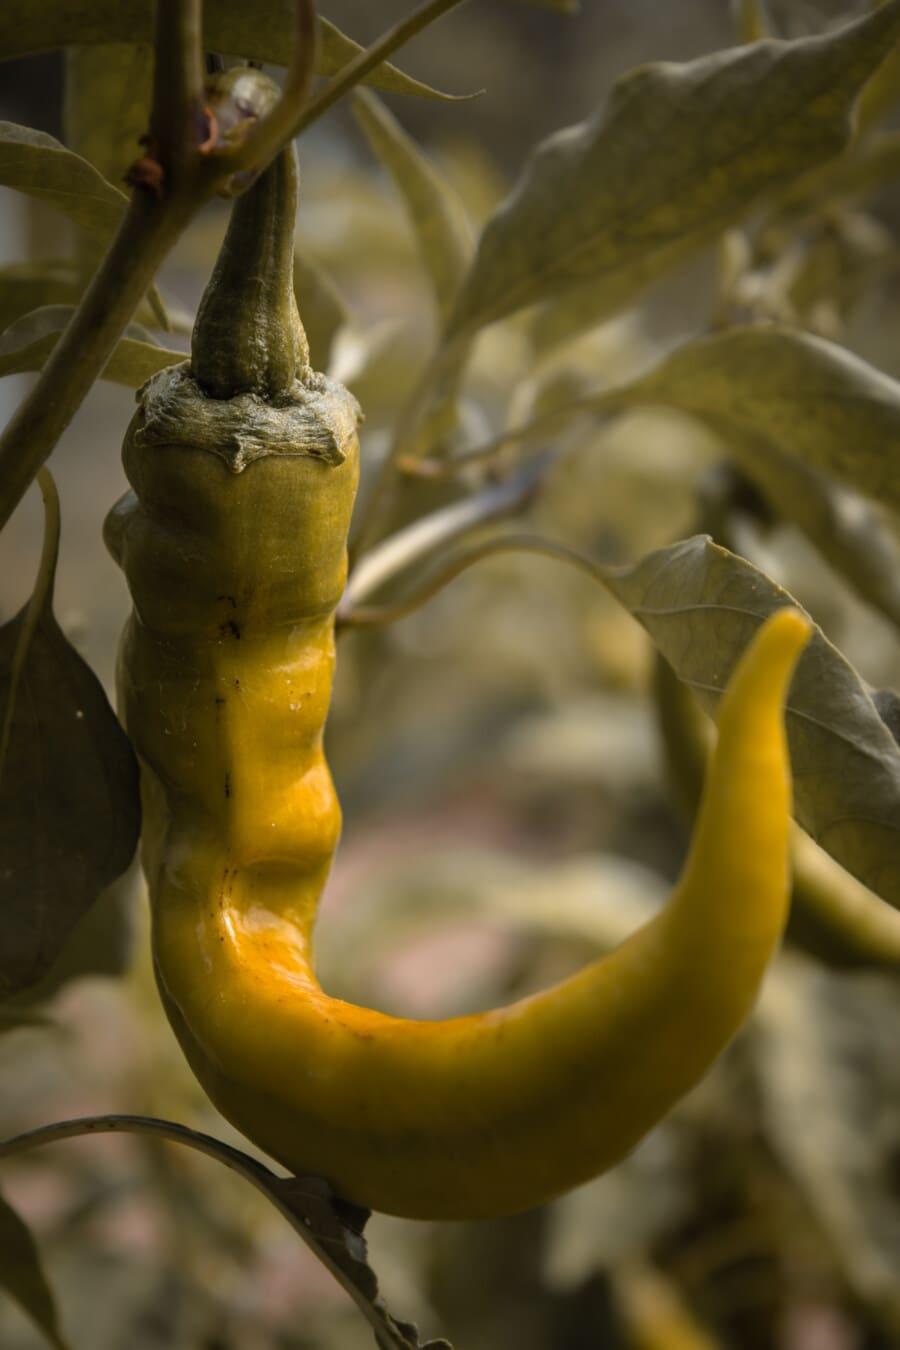 piment, pepperoni, immatures, jaune verdâtre, organique, Agriculture, nature, alimentaire, flore, légume